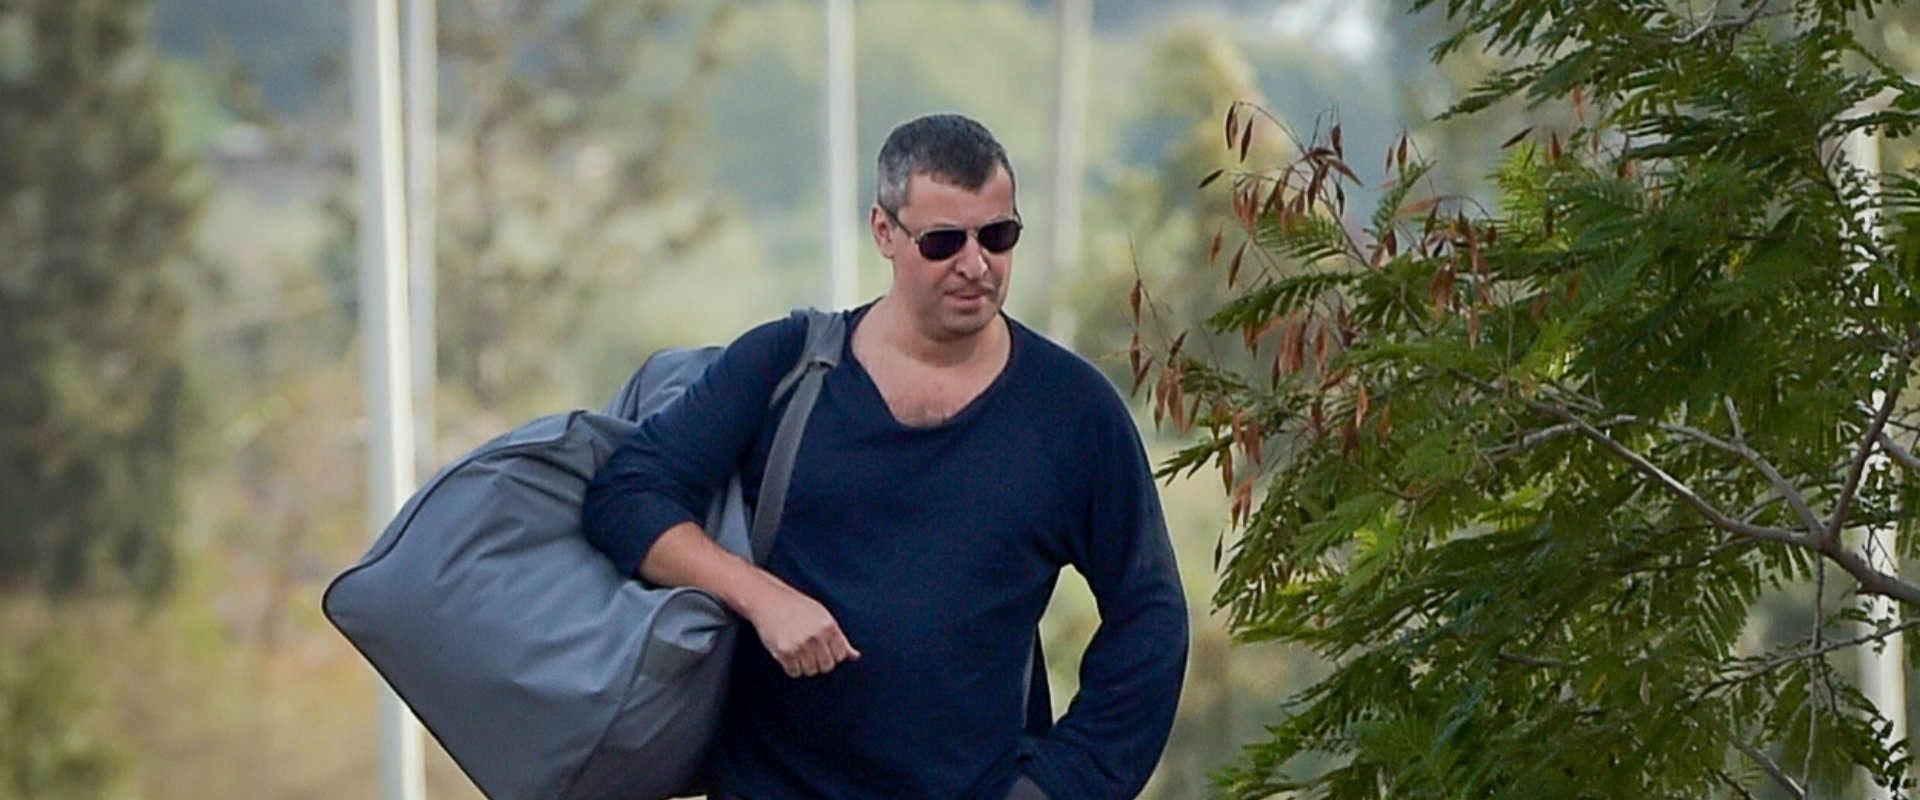 השר לשעבר סטס מיסז'ניקוב לאחר ששוחרר מהכלא